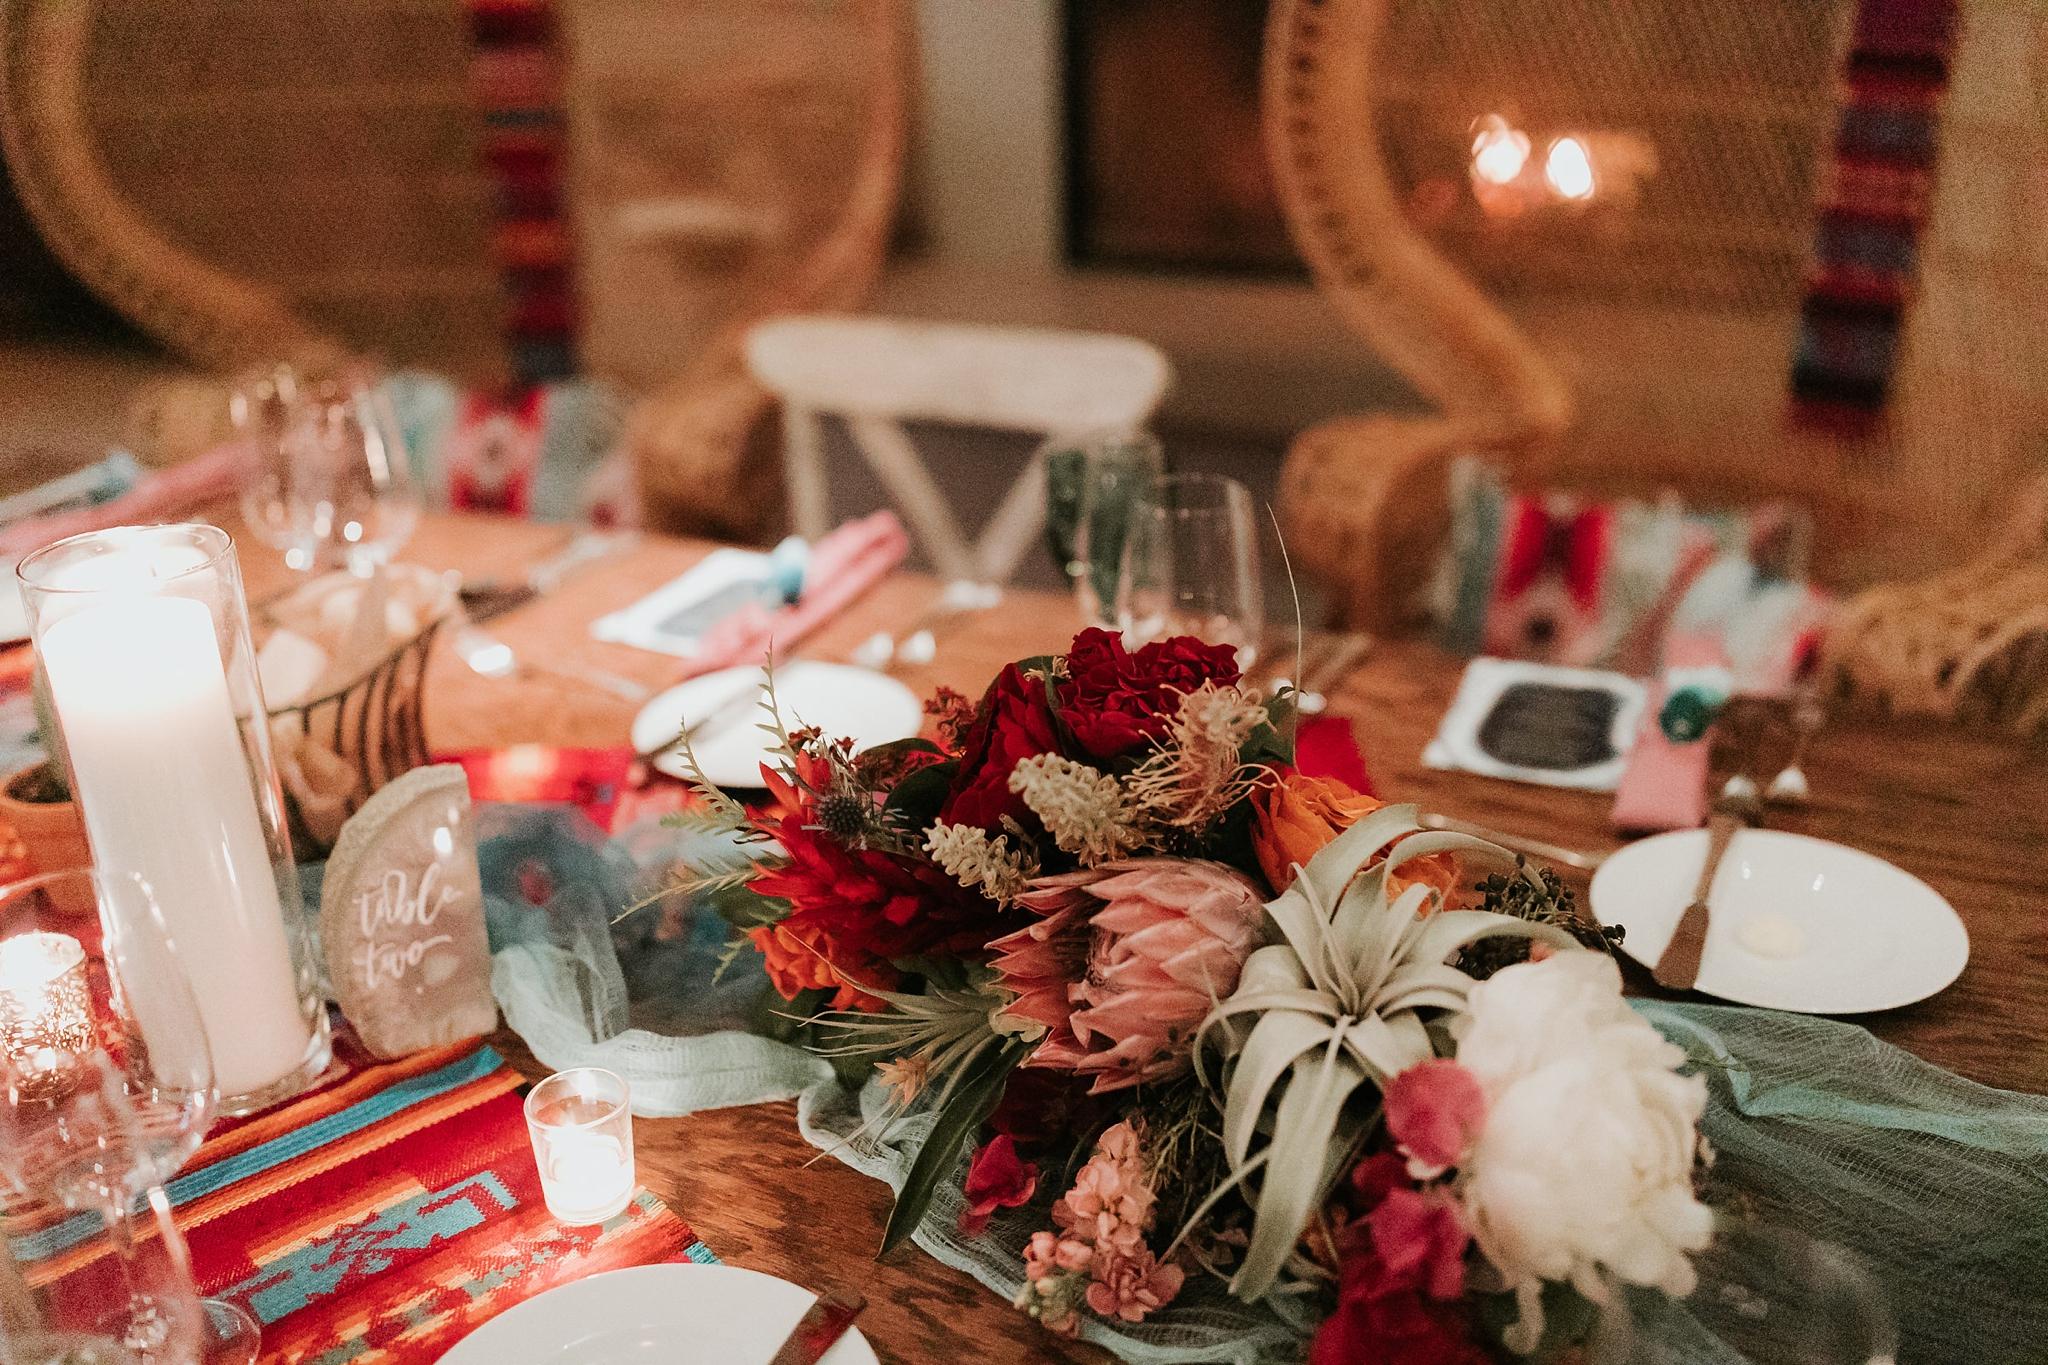 Alicia+lucia+photography+-+albuquerque+wedding+photographer+-+santa+fe+wedding+photography+-+new+mexico+wedding+photographer+-+new+mexico+wedding+-+new+mexico+florist+-+floriography+flowers+-+floriography+flowers+new+mexico+-+wedding+florist_0063.jpg